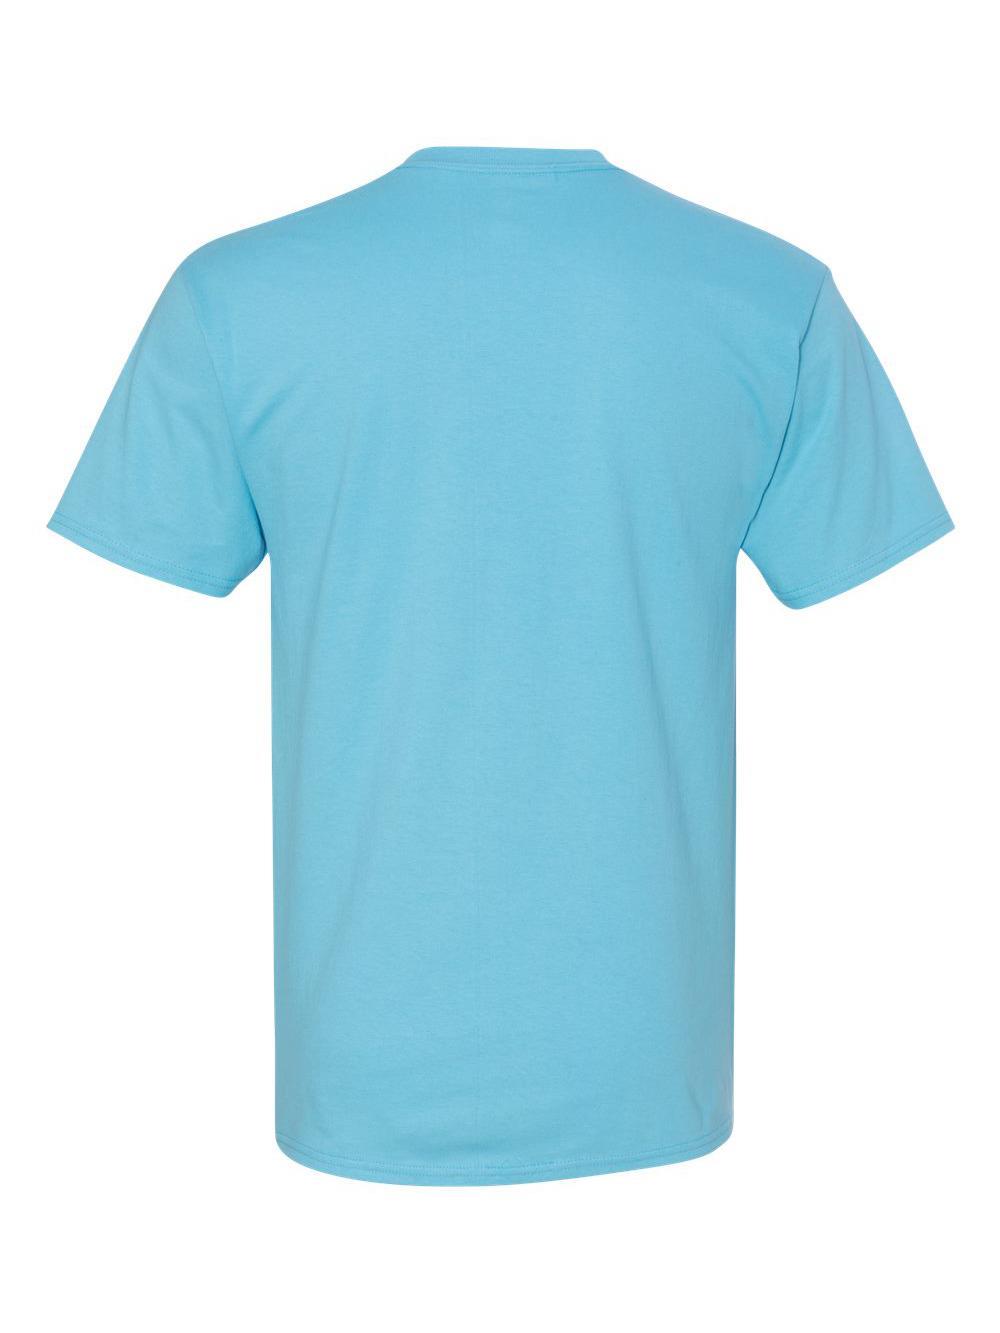 Hanes-Tagless-T-Shirt-5250 thumbnail 13